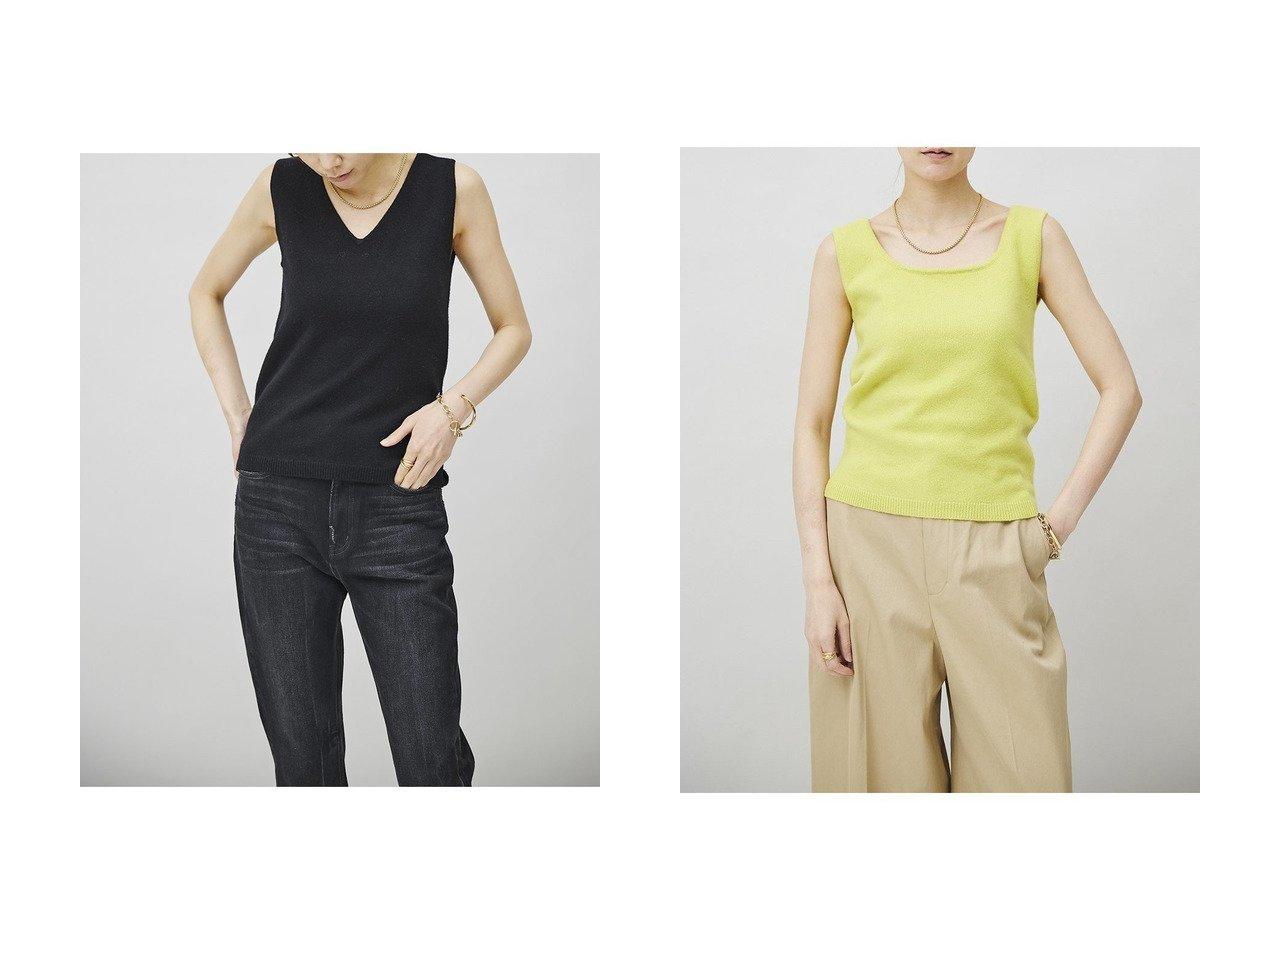 【Curensology/カレンソロジー】のニューイングランドニットベスト 【アウター】おすすめ!人気、トレンド・レディースファッションの通販 おすすめで人気の流行・トレンド、ファッションの通販商品 インテリア・家具・メンズファッション・キッズファッション・レディースファッション・服の通販 founy(ファニー) https://founy.com/ ファッション Fashion レディースファッション WOMEN アウター Coat Outerwear ジャケット Jackets 2020年 2020 2020-2021秋冬・A/W AW・Autumn/Winter・FW・Fall-Winter/2020-2021 2021年 2021 2021-2022秋冬・A/W AW・Autumn/Winter・FW・Fall-Winter・2021-2022 A/W・秋冬 AW・Autumn/Winter・FW・Fall-Winter おすすめ Recommend インナー サロペット ジャケット スクエア ベスト |ID:crp329100000060548